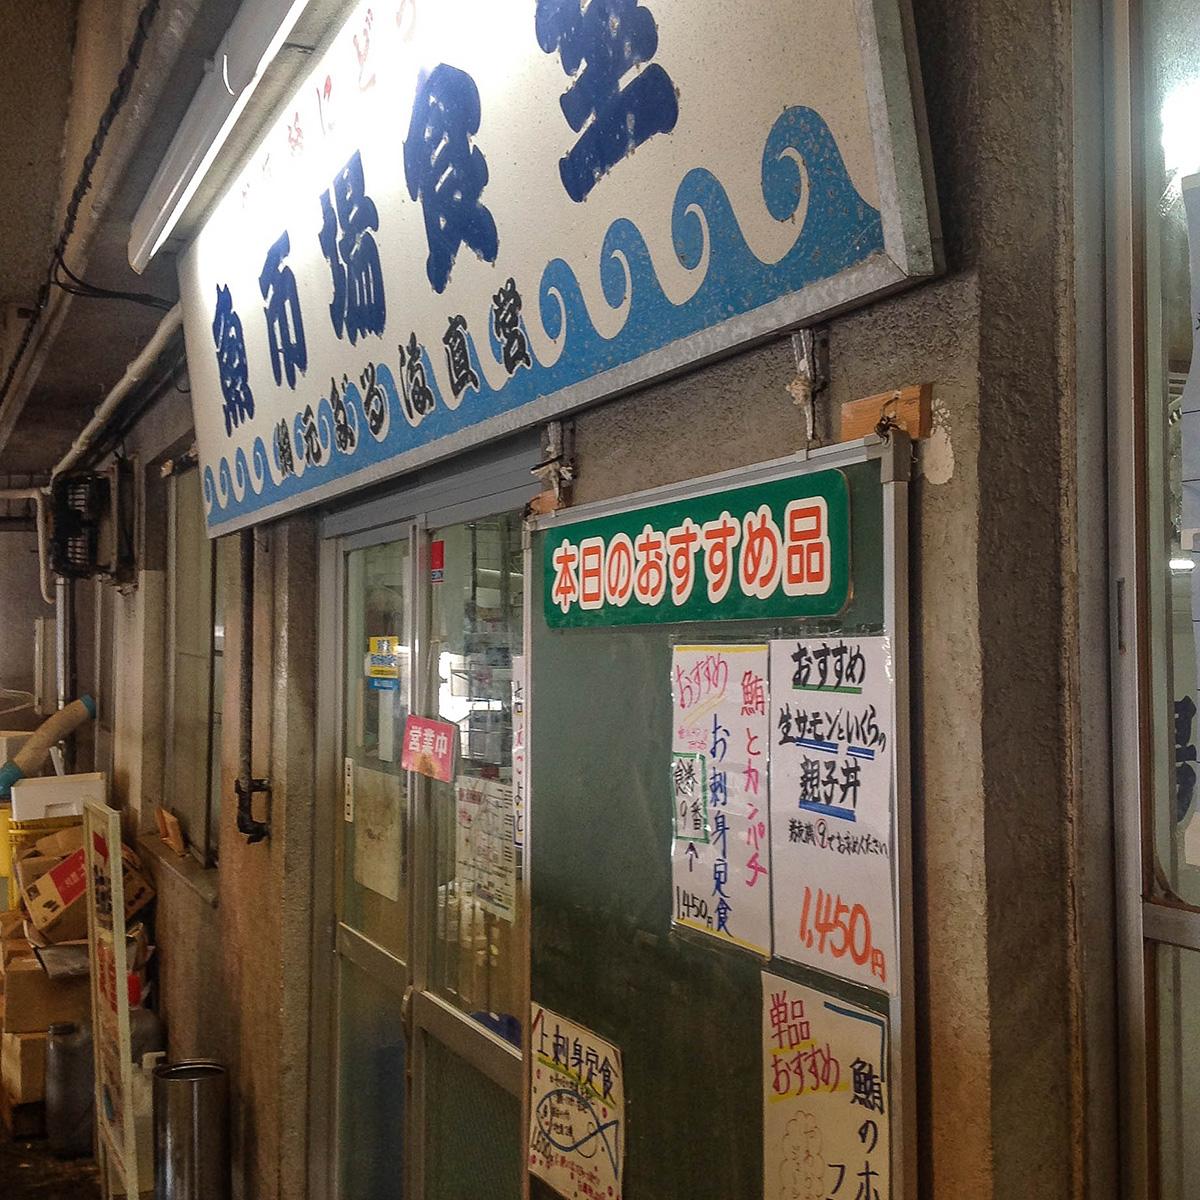 魚市場食堂 早川漁港 2